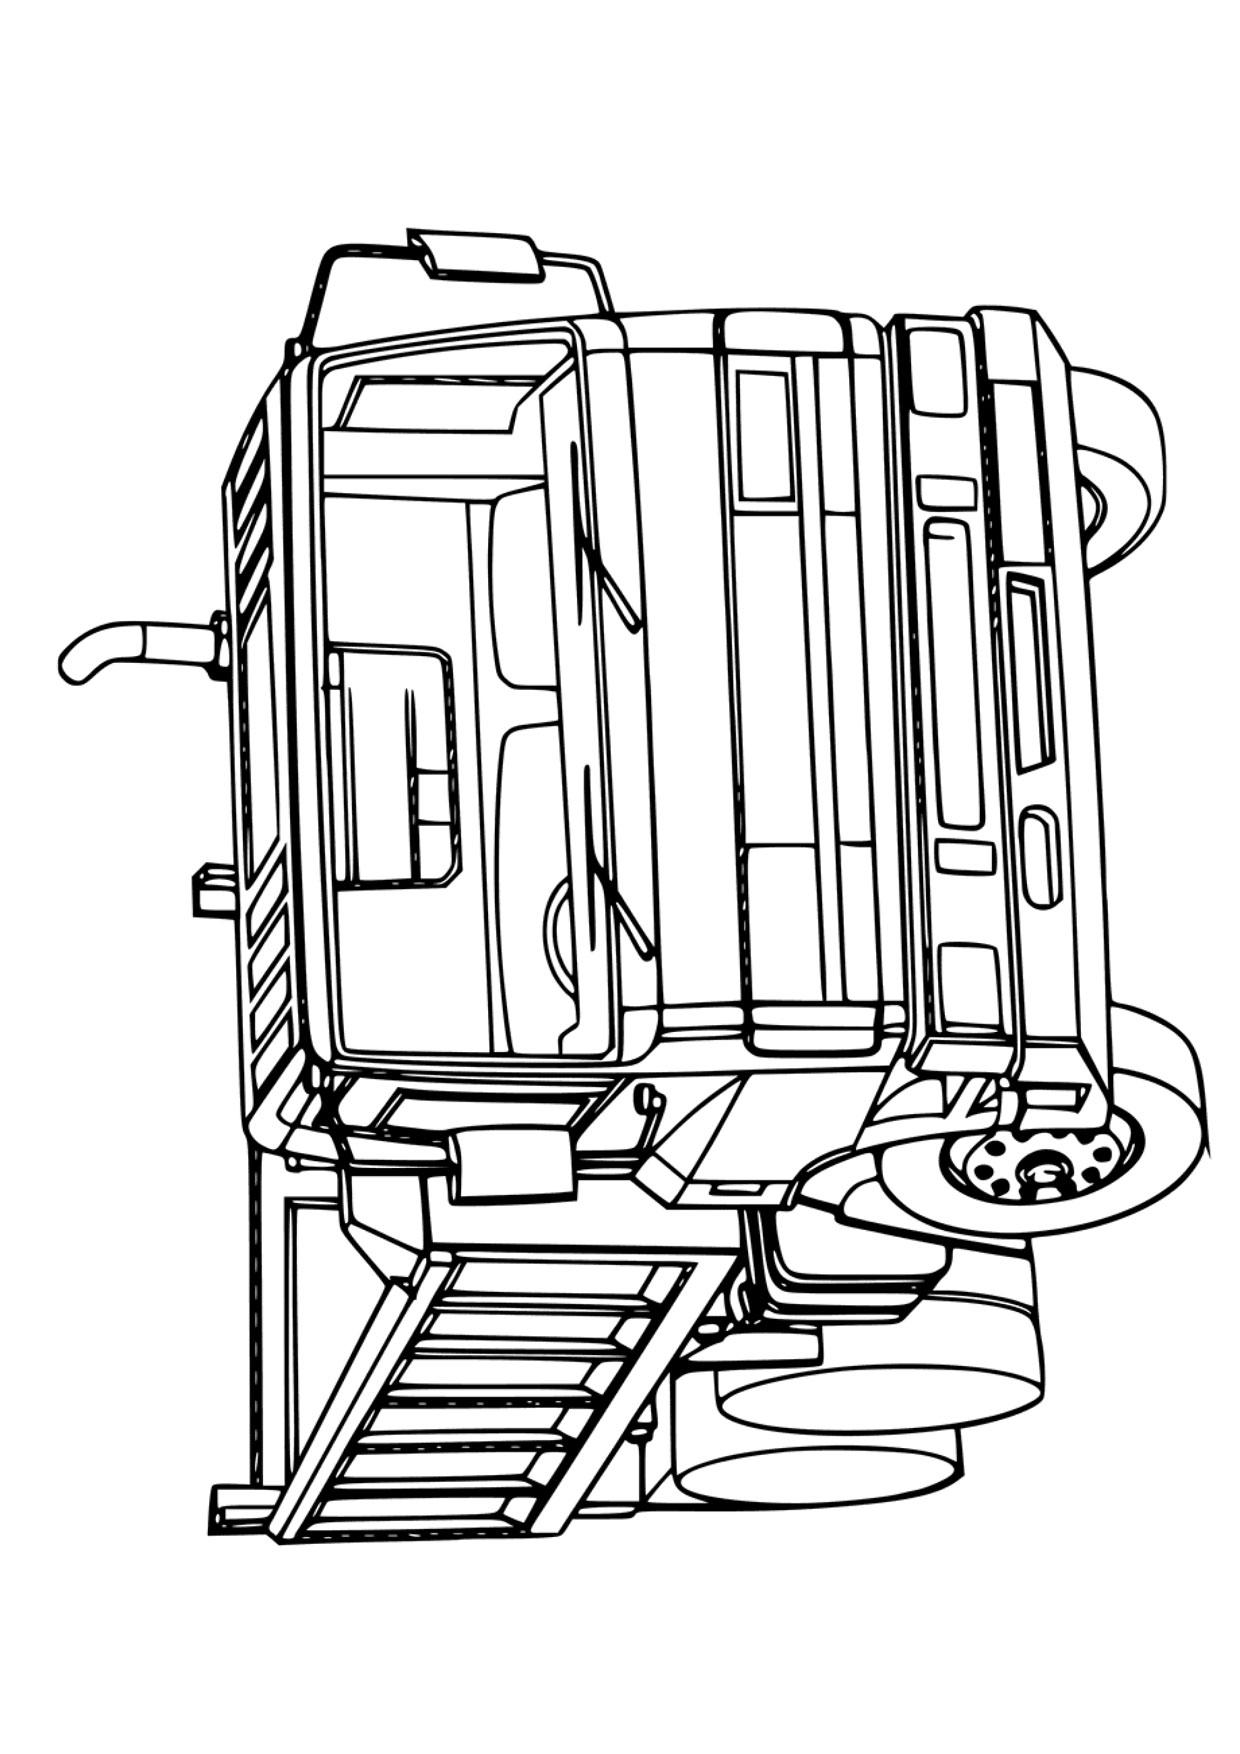 Disegno di camion da colorare 18